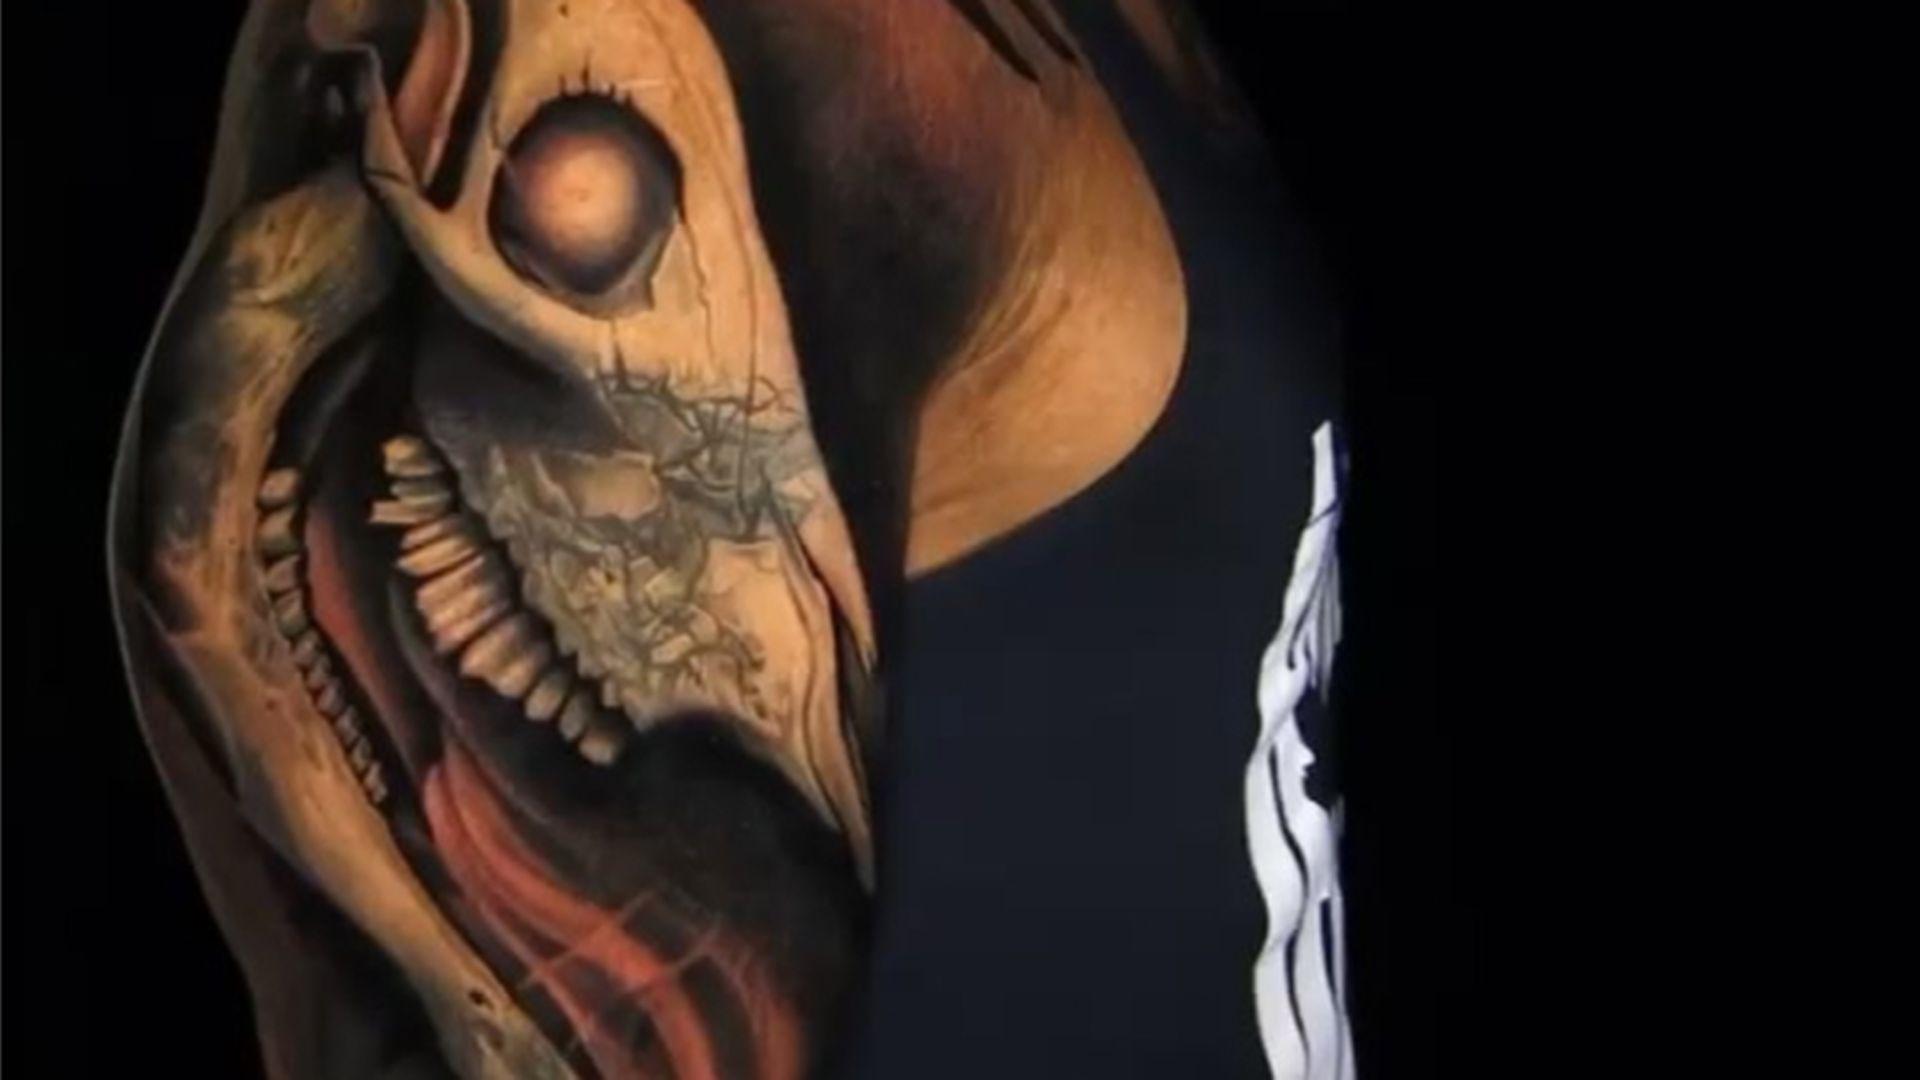 The Rocks Xxl Tattoo Ist Fertig Mit Besonderer Bedeutung